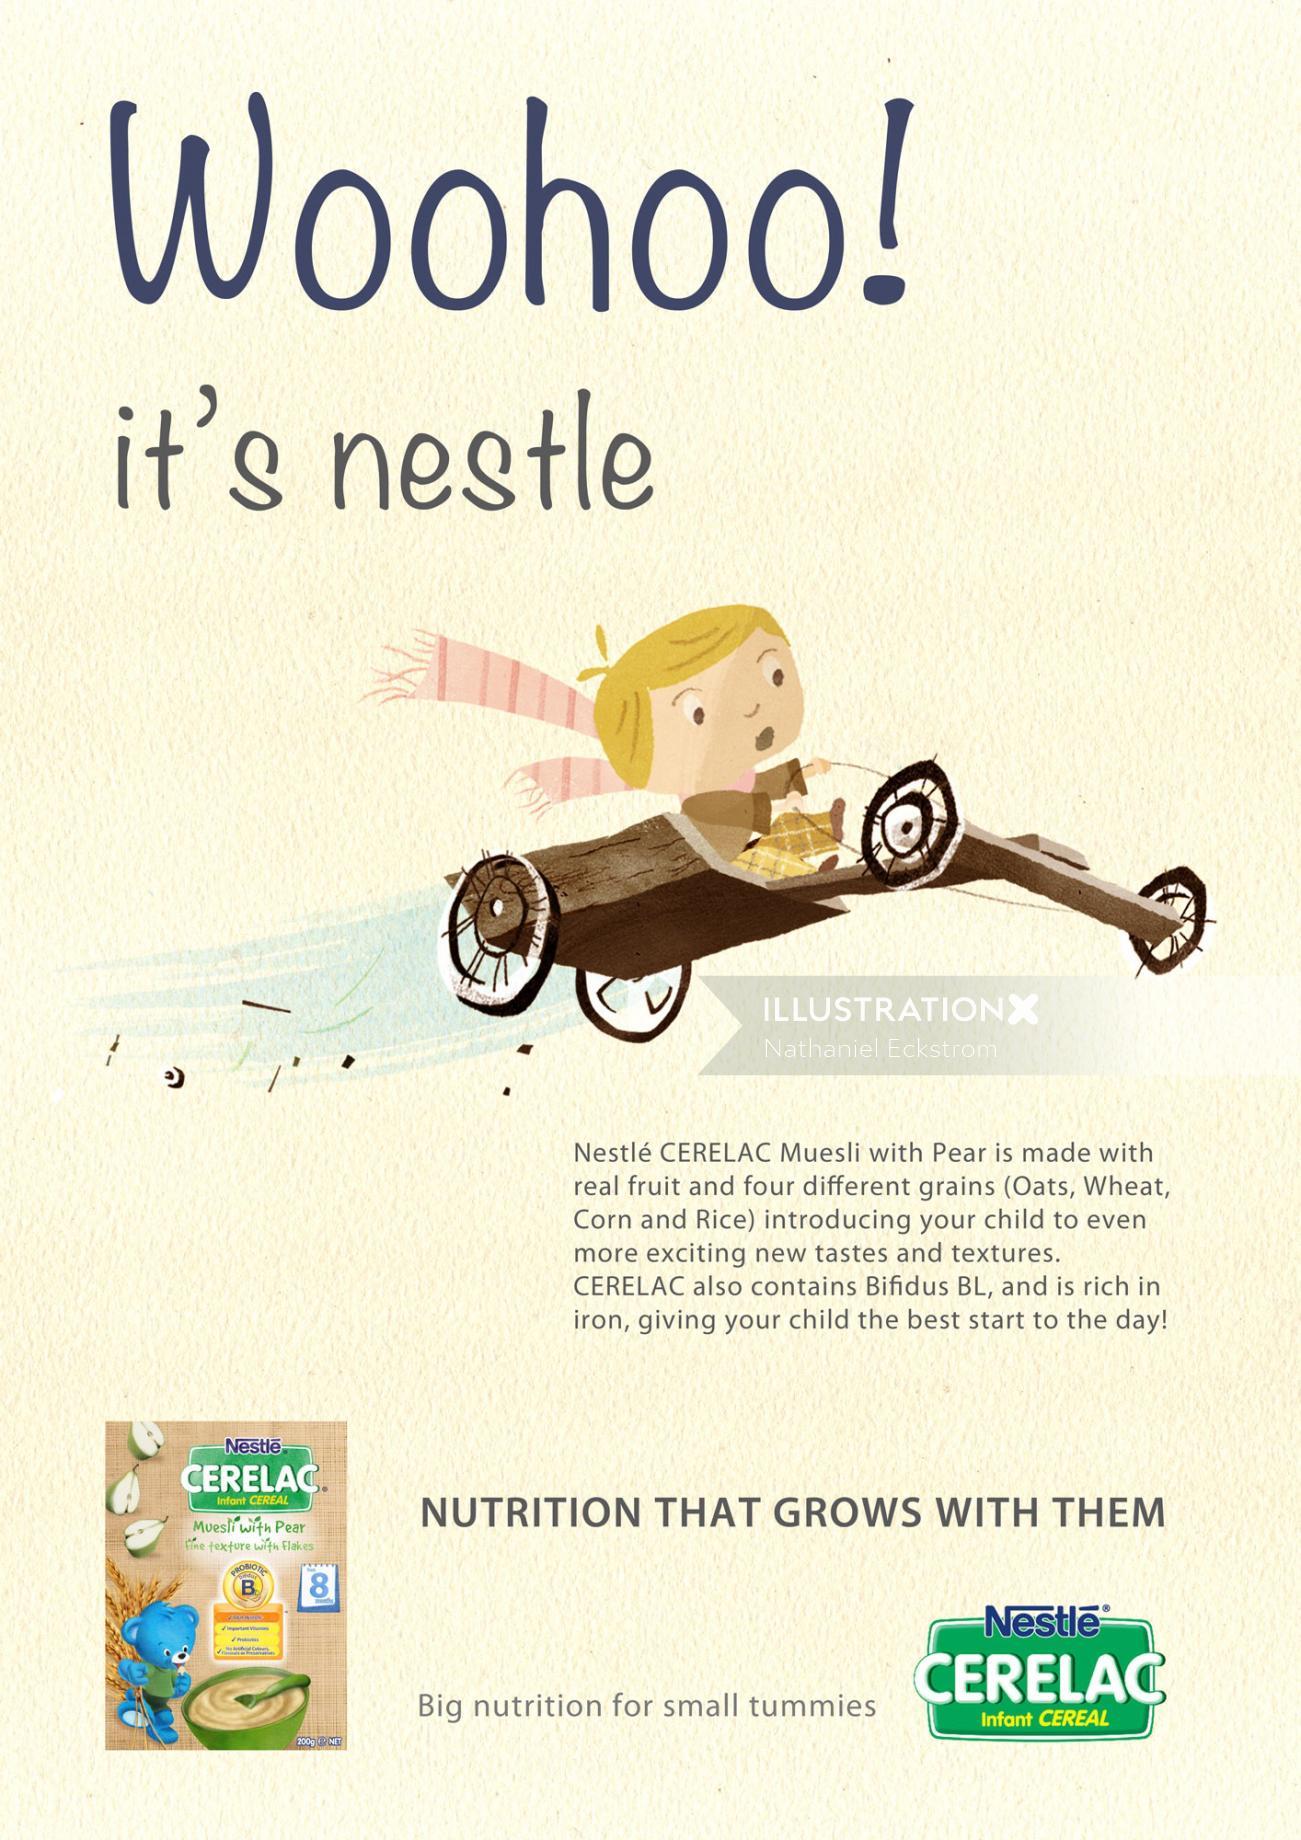 Flying Girl Illustration For Nestle Cerelac